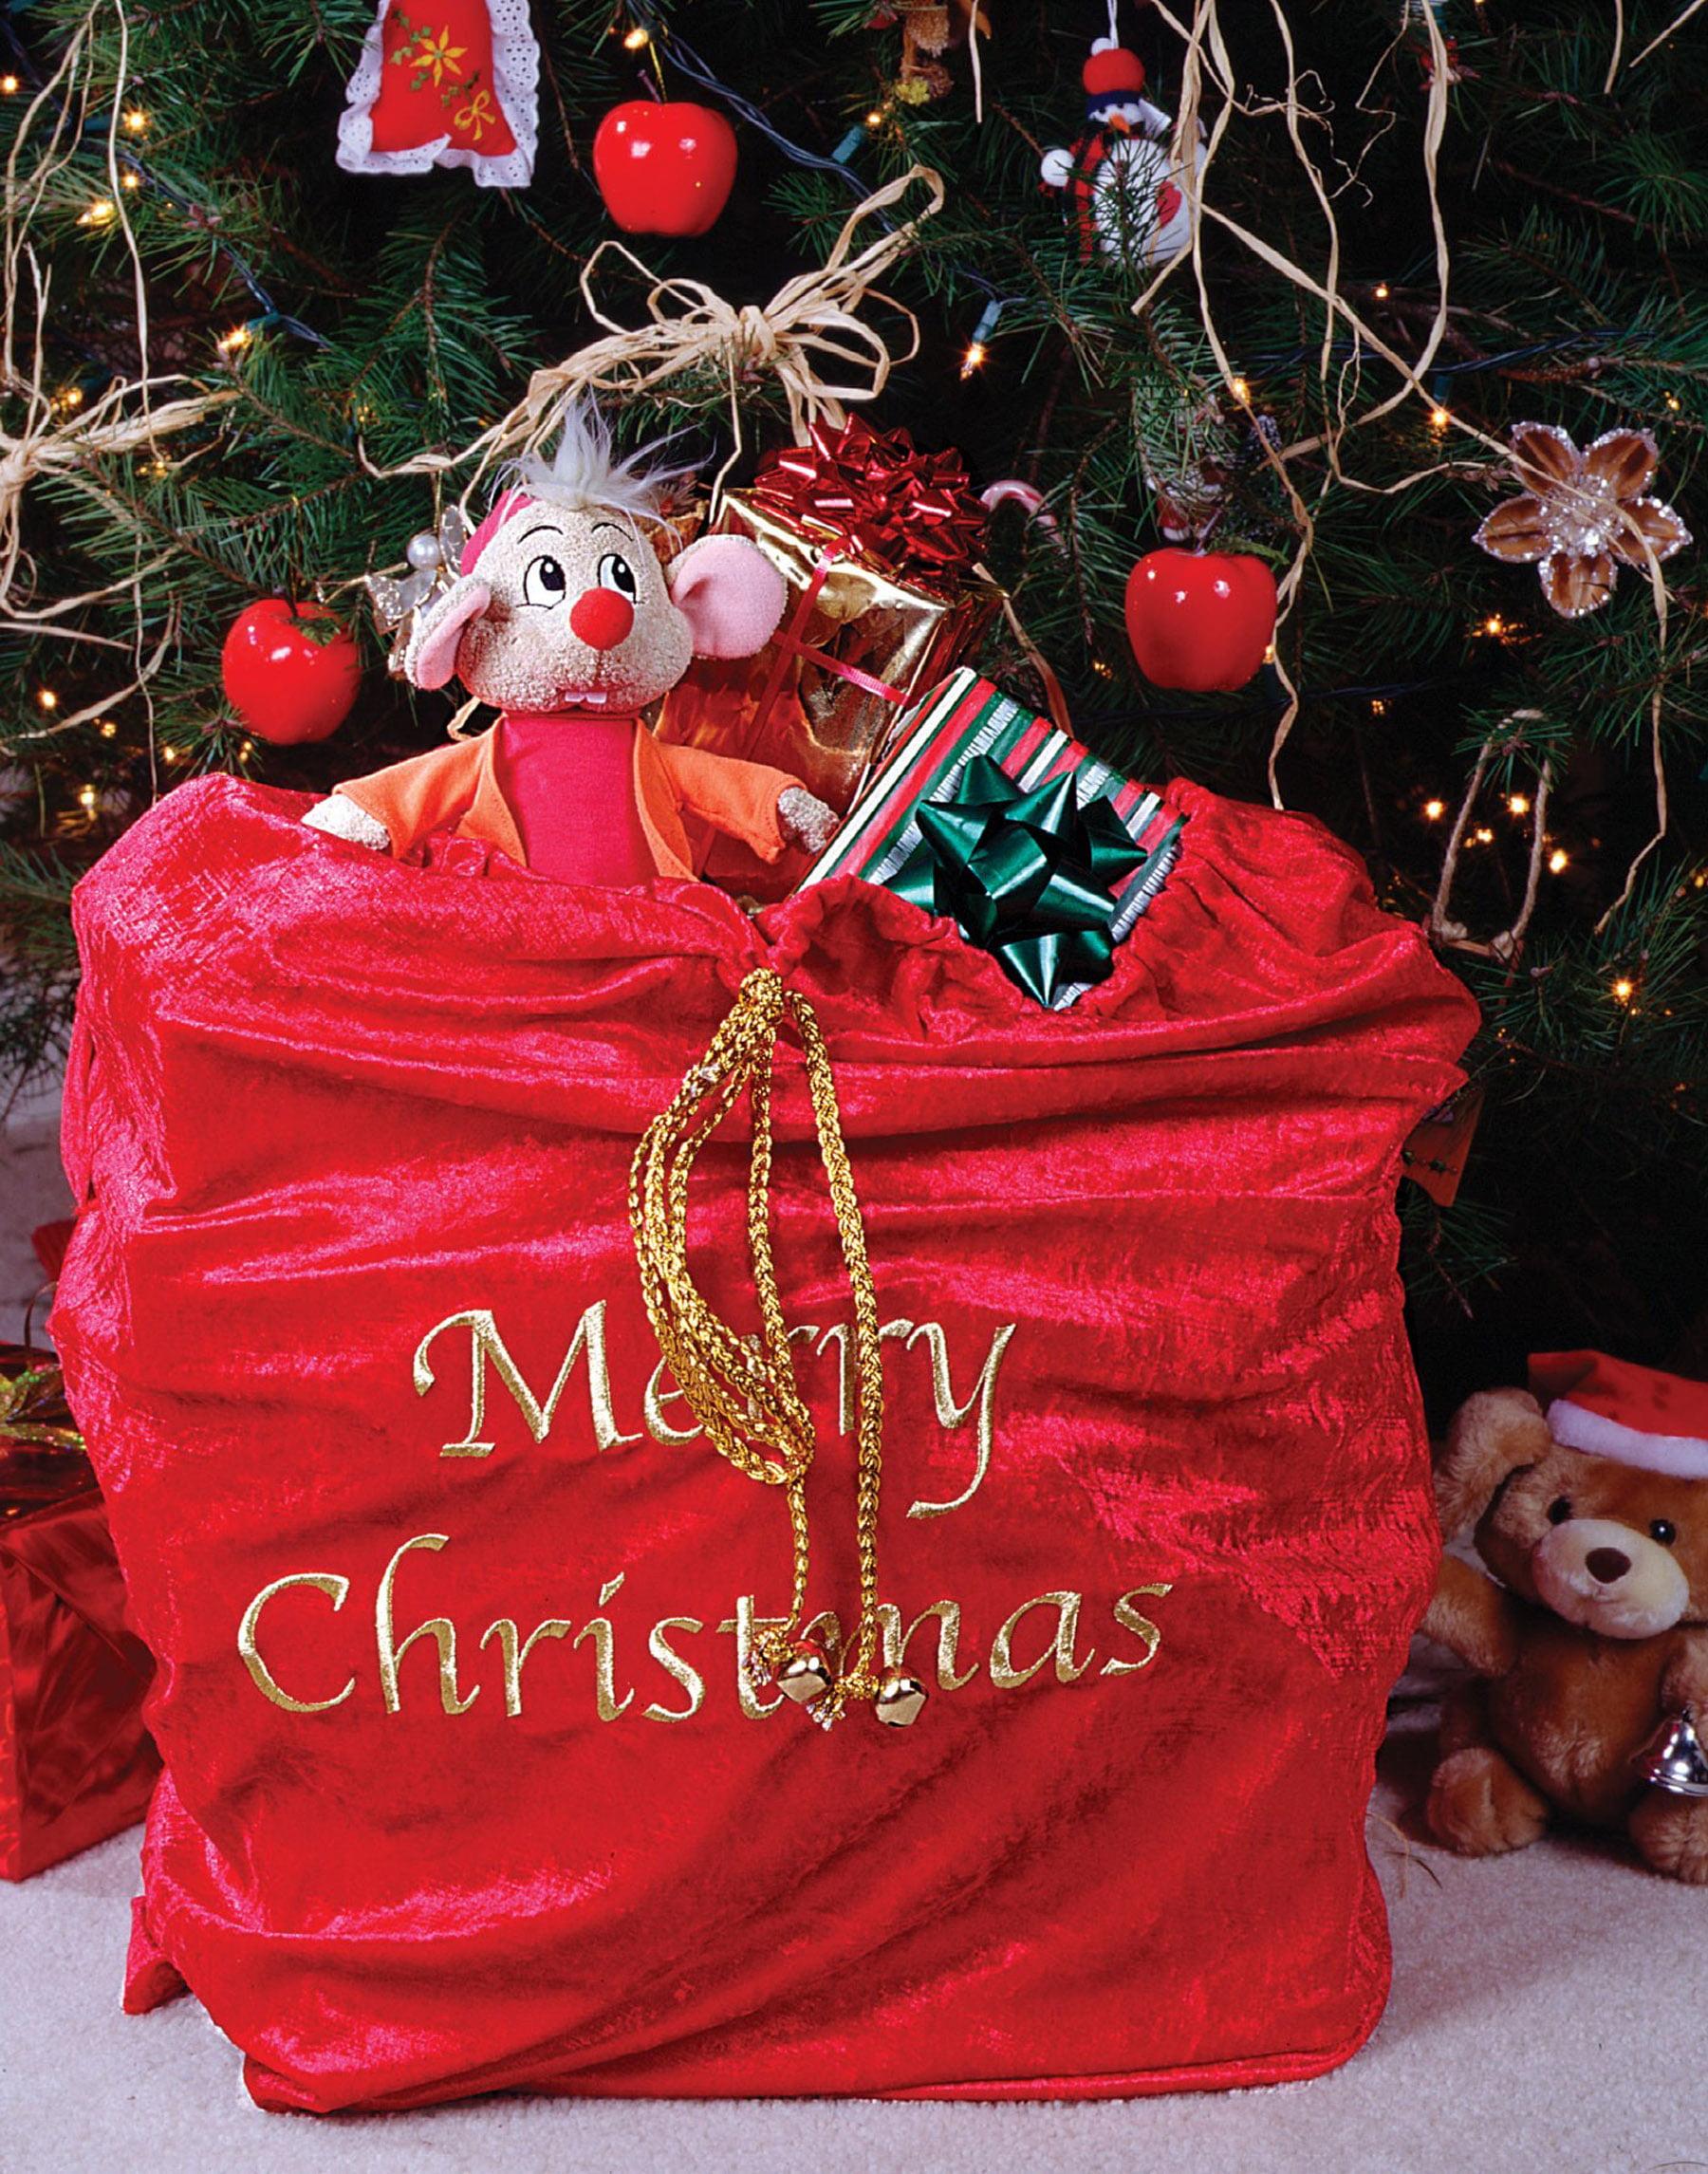 Santa Bag Fabric Drawstring Bag Drawstring Project Bag Christmas Bags for Wrapping Christmas Gift Wrap Gold Gift Bag Holiday Gift Sack